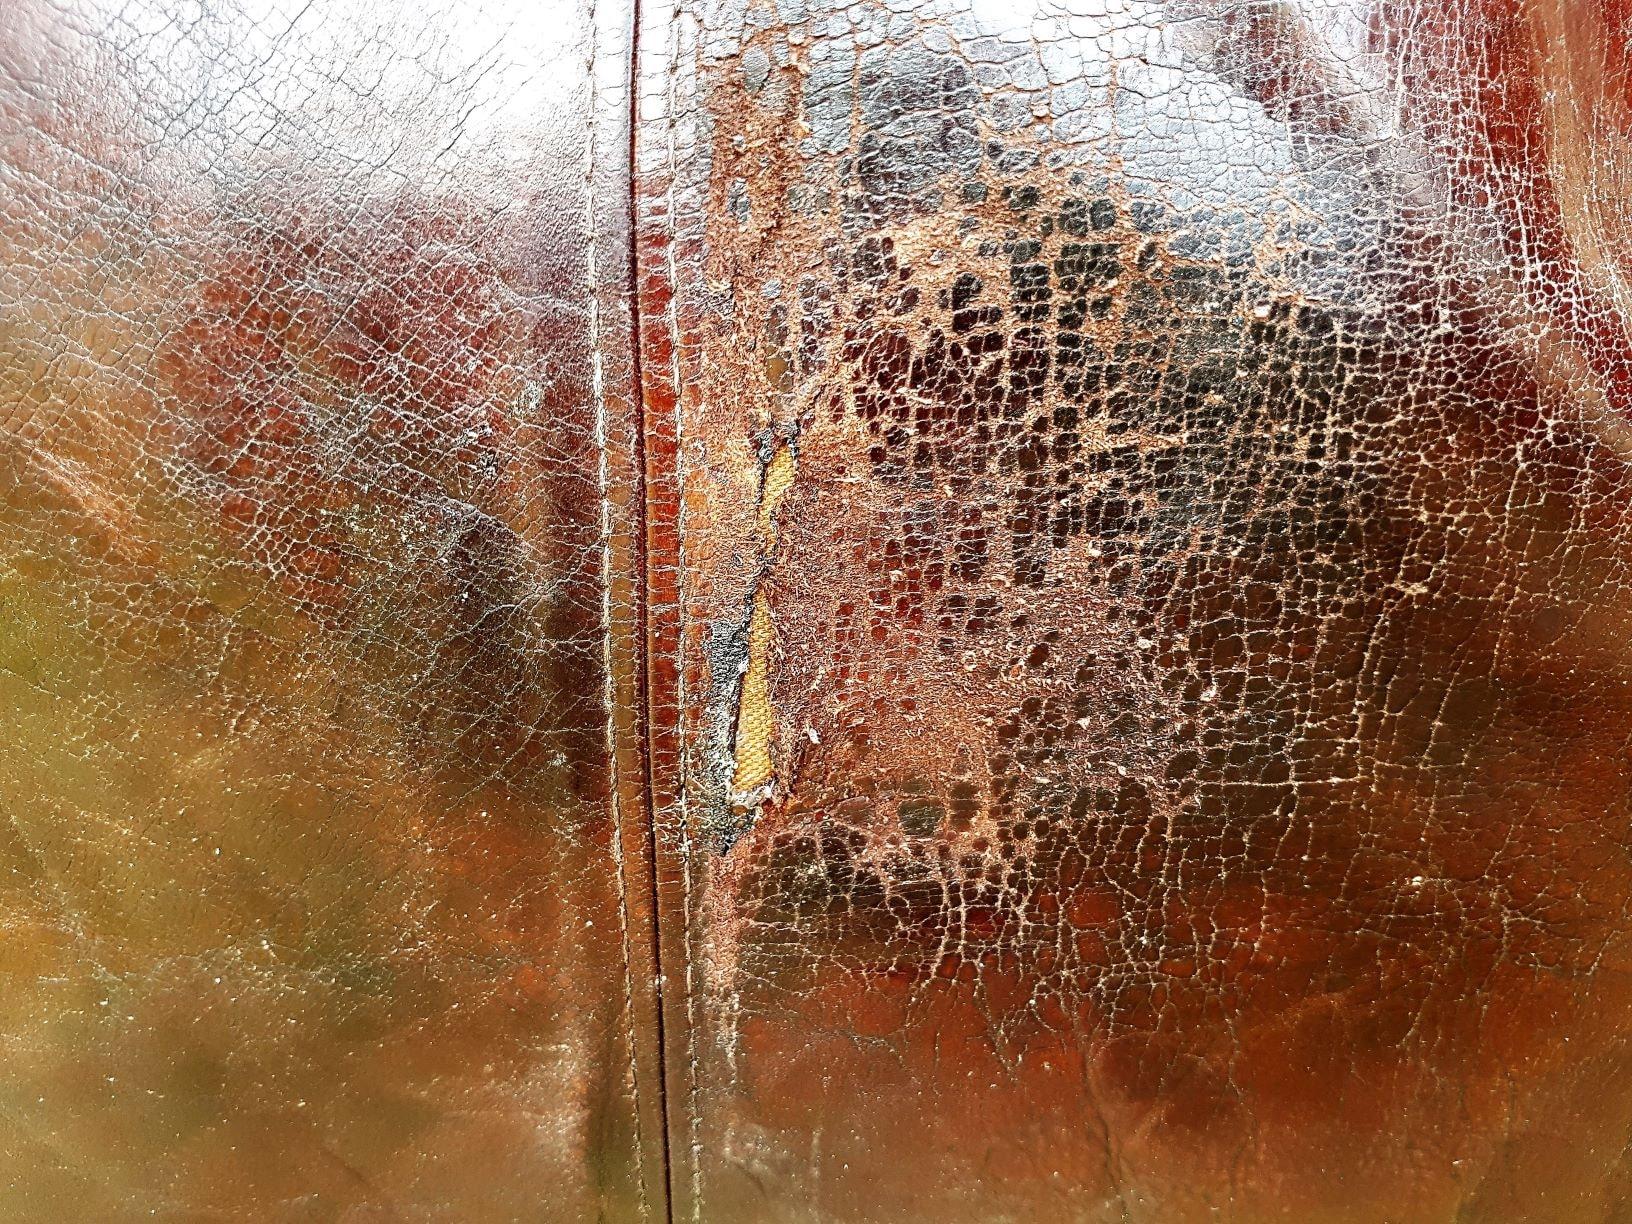 Tekstillappen er limet bag på læderhynden